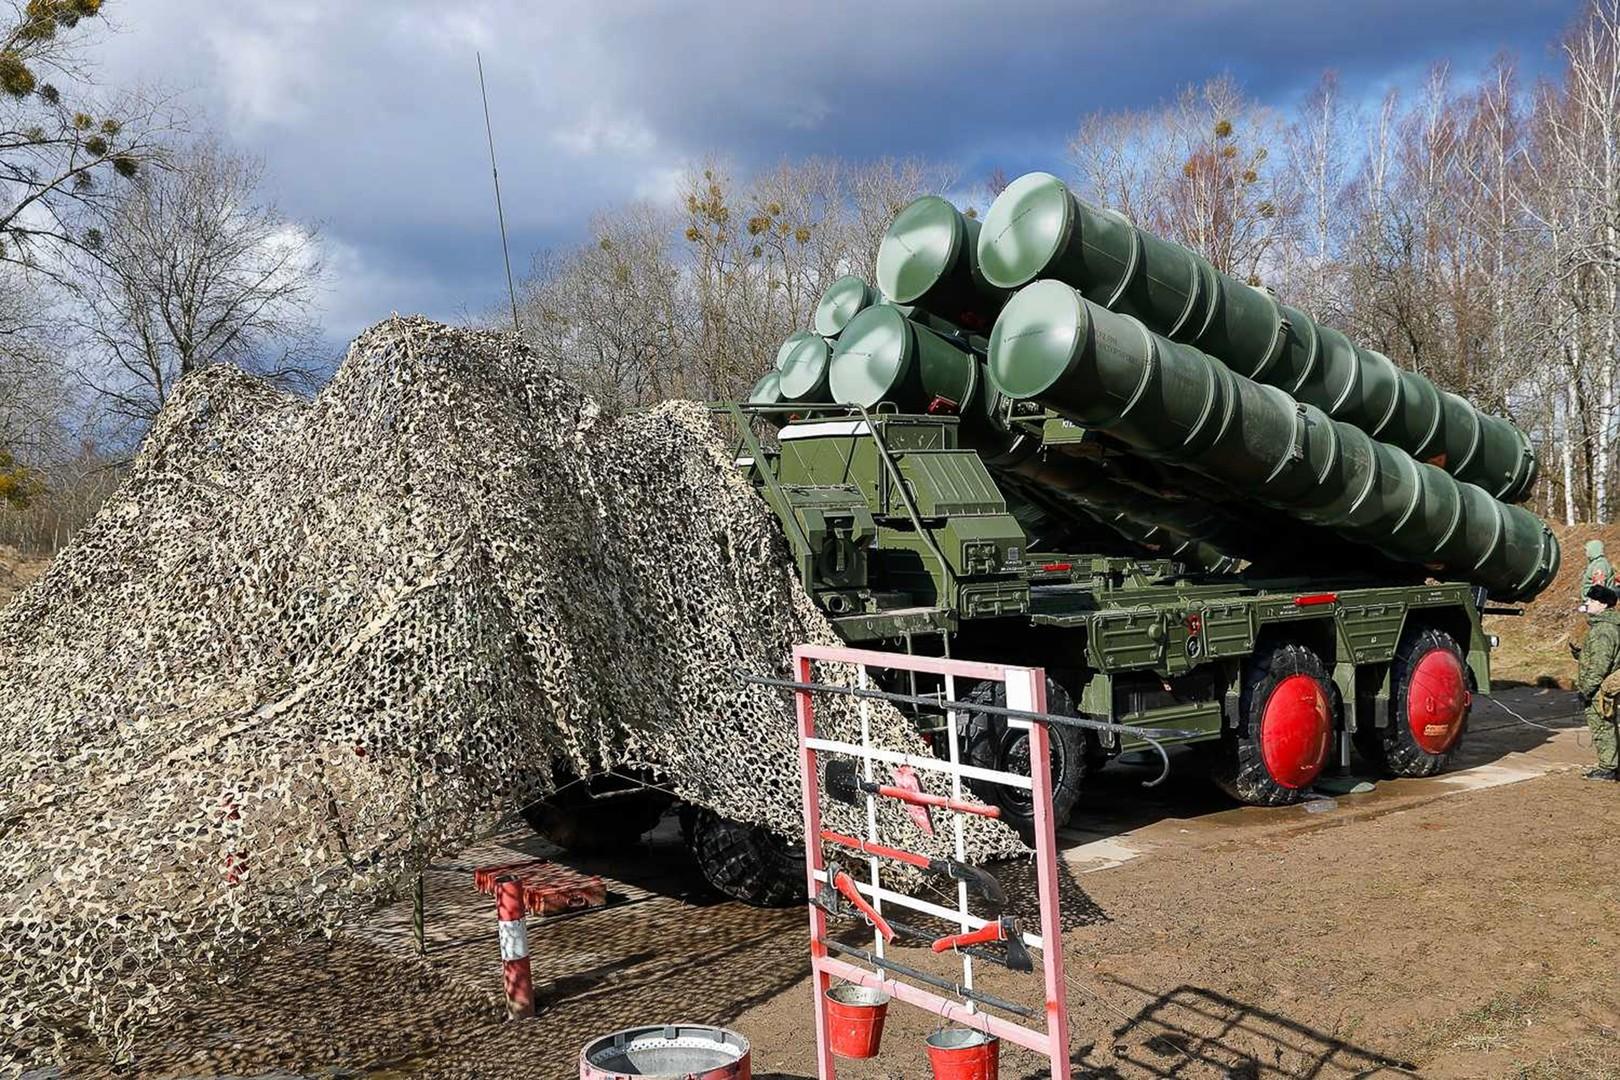 الكرملين: تركيا ليست ملزمة بإبلاغ روسيا بمفاوضاتها مع واشنطن حول  إس-400  -